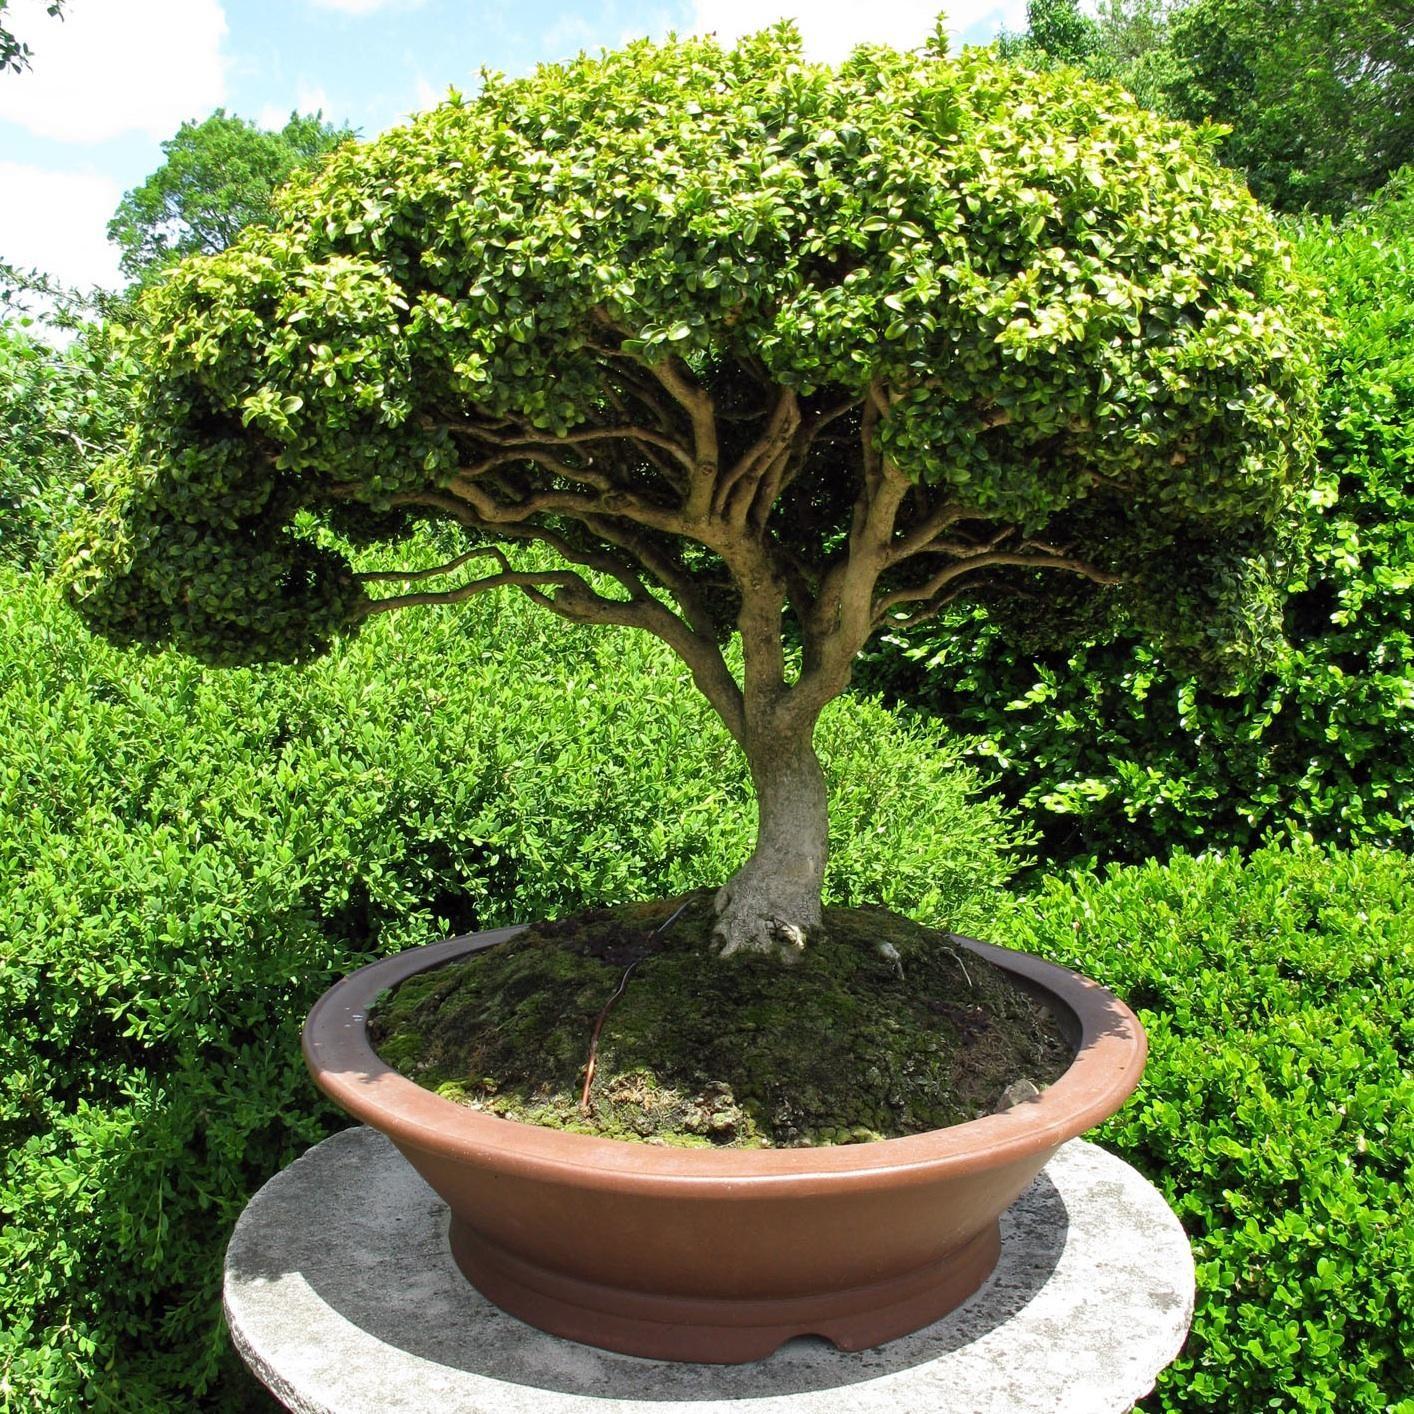 . explicaremos cómo hacer un bonsai a partir de una